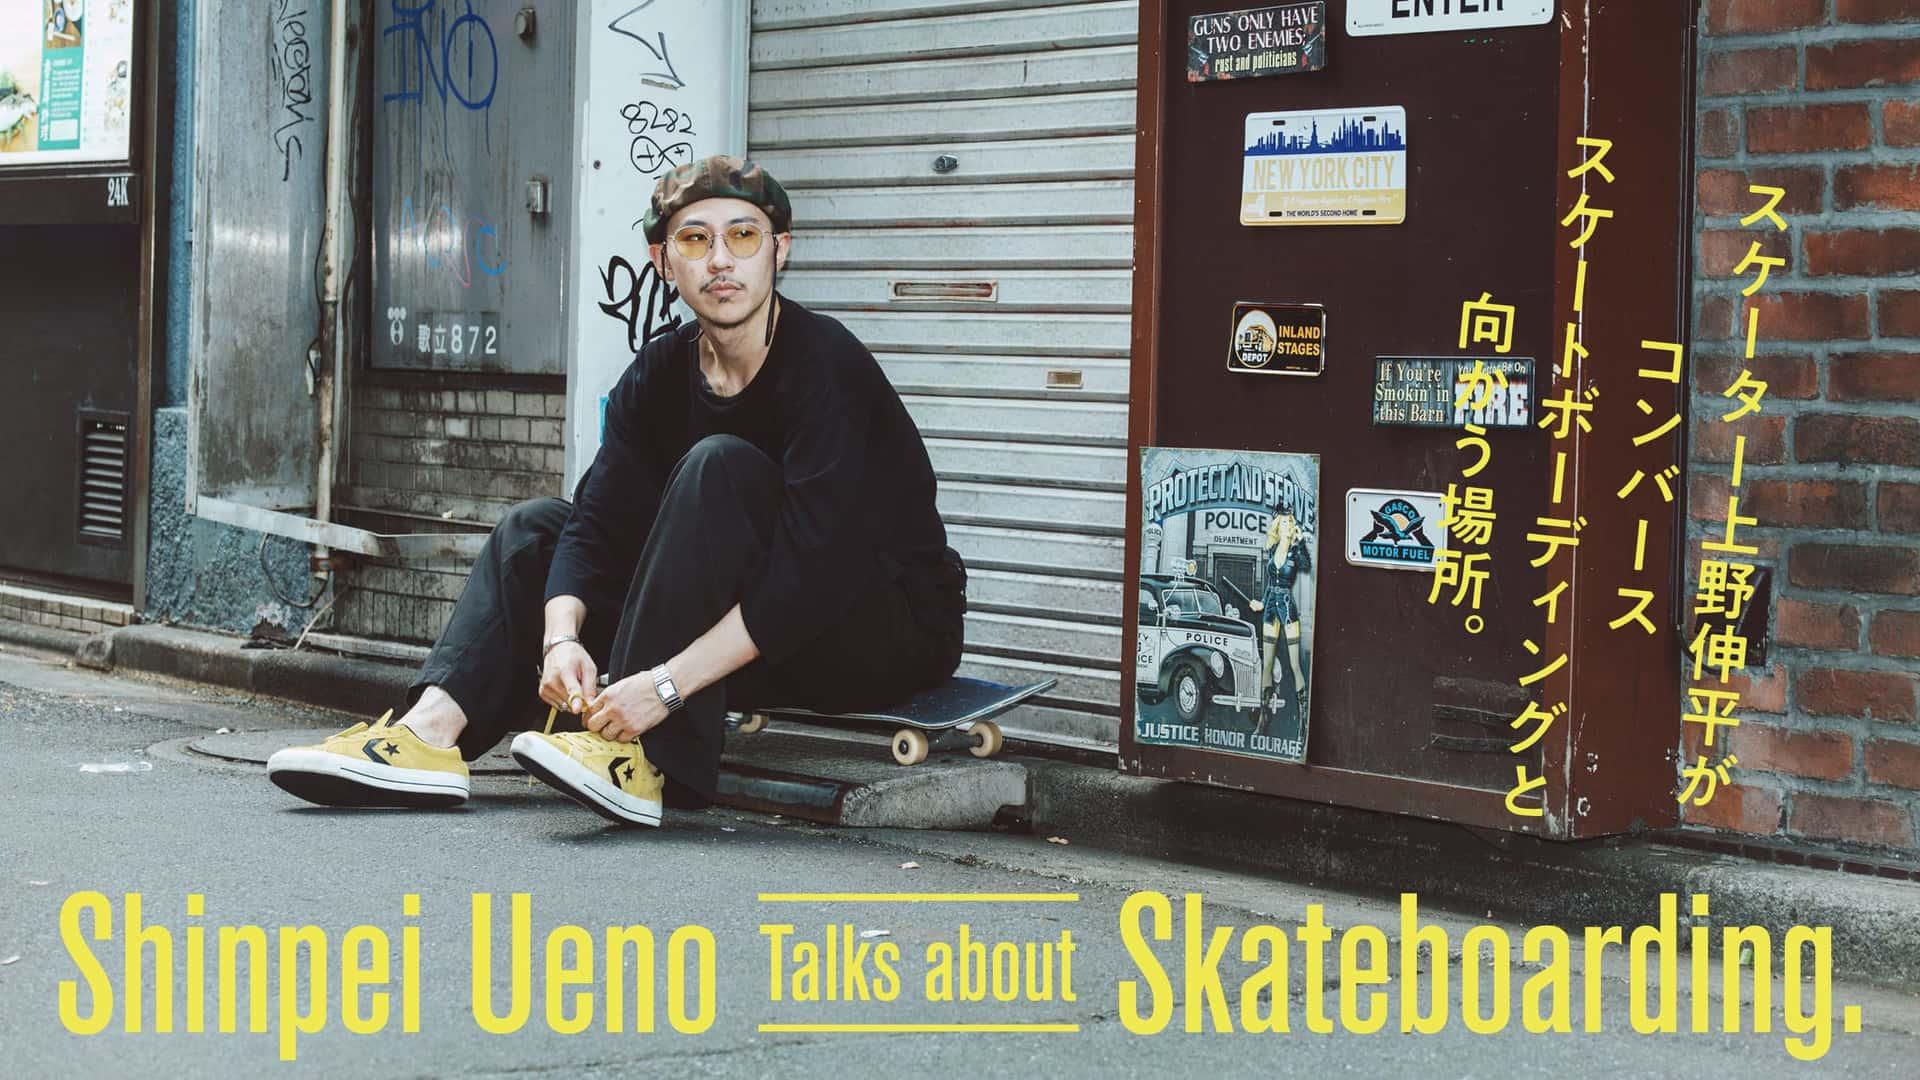 スケーター上野伸平がコンバース スケートボーディングと向かう場所。